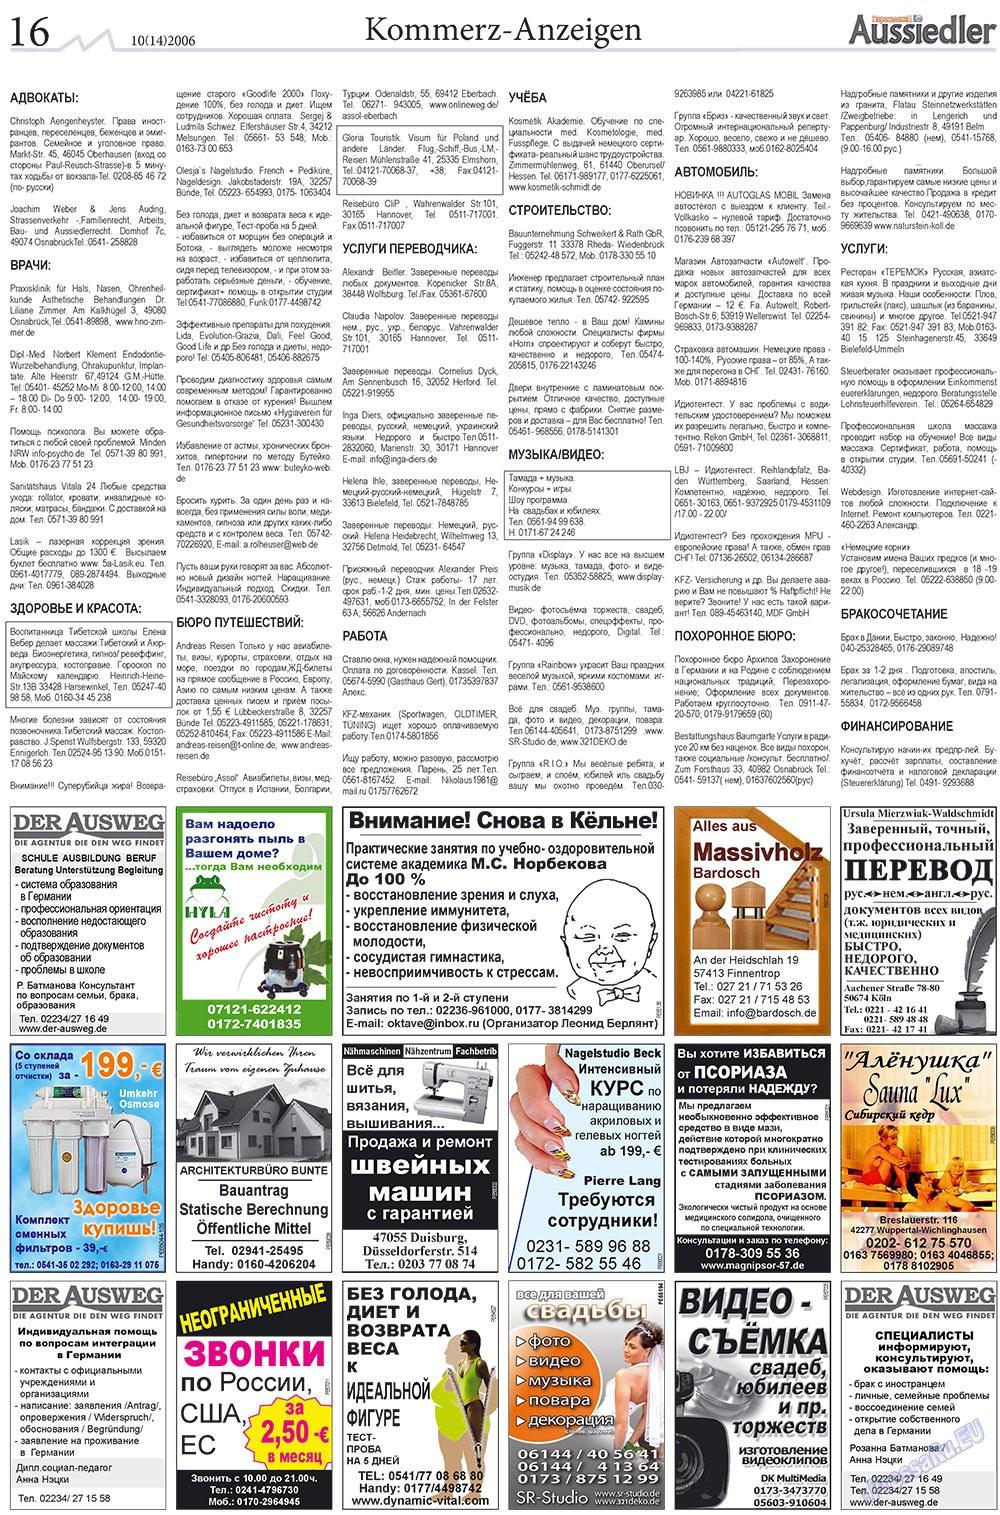 Переселенец (газета). 2006 год, номер 10, стр. 28